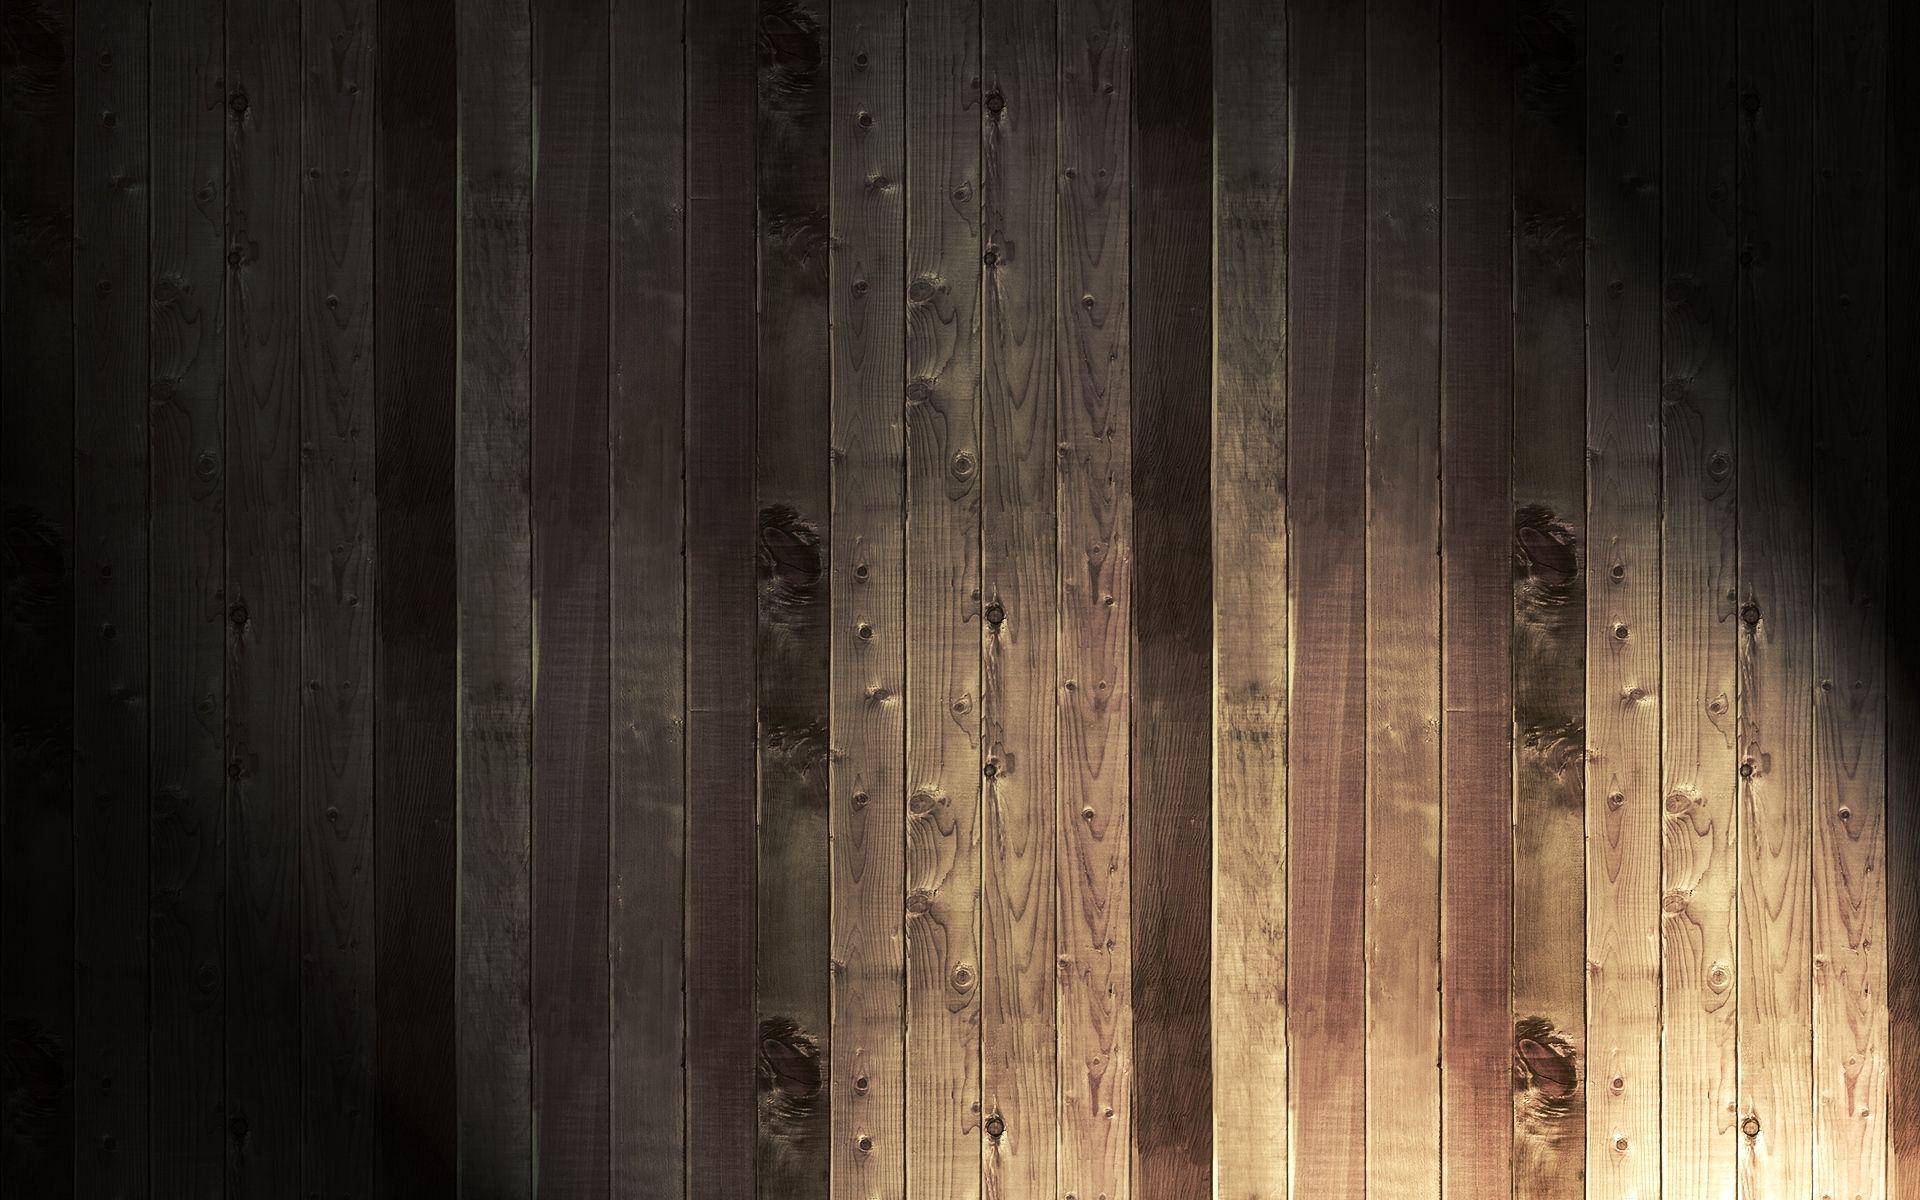 137773 скачать обои Текстуры, Дерево, Текстура, Фон, Тень - заставки и картинки бесплатно